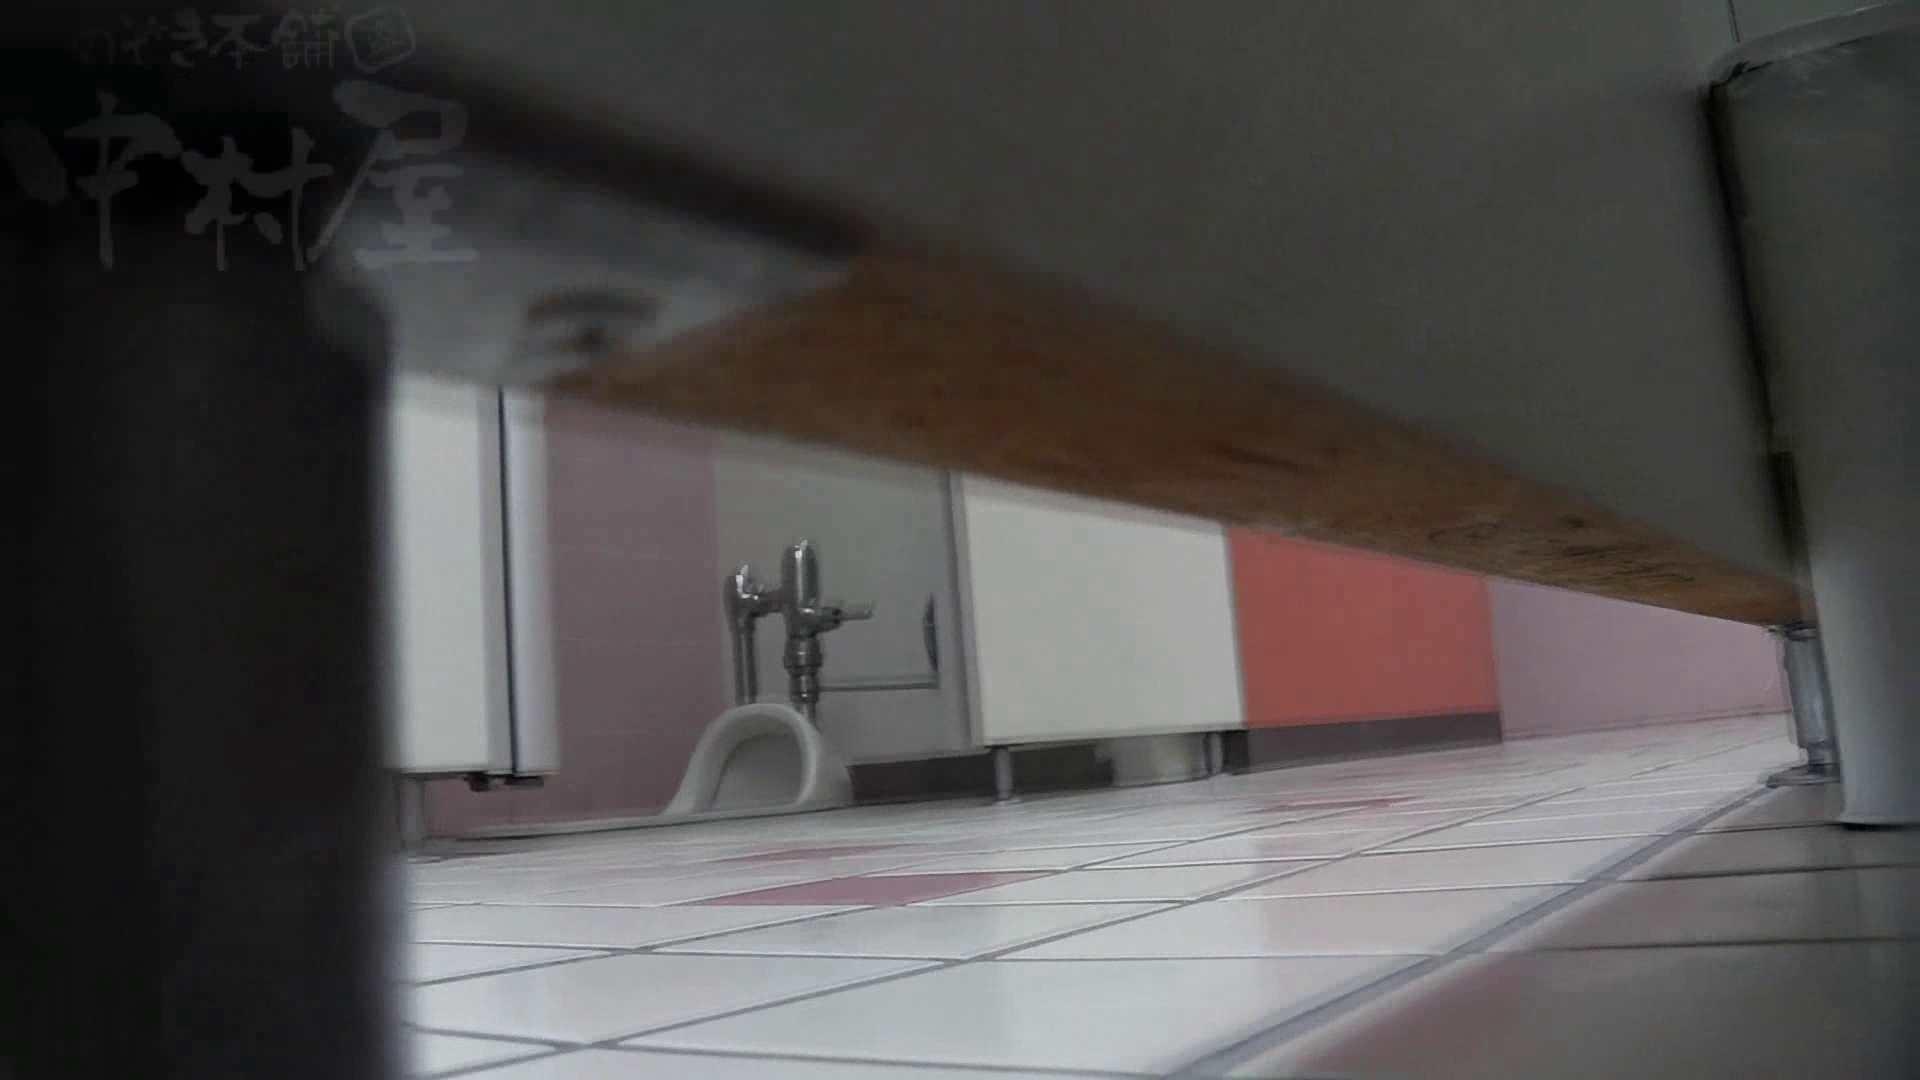 美しい日本の未来 No.08 腕を磨き再発進 乙女エロ画像 ワレメ動画紹介 90PICs 65